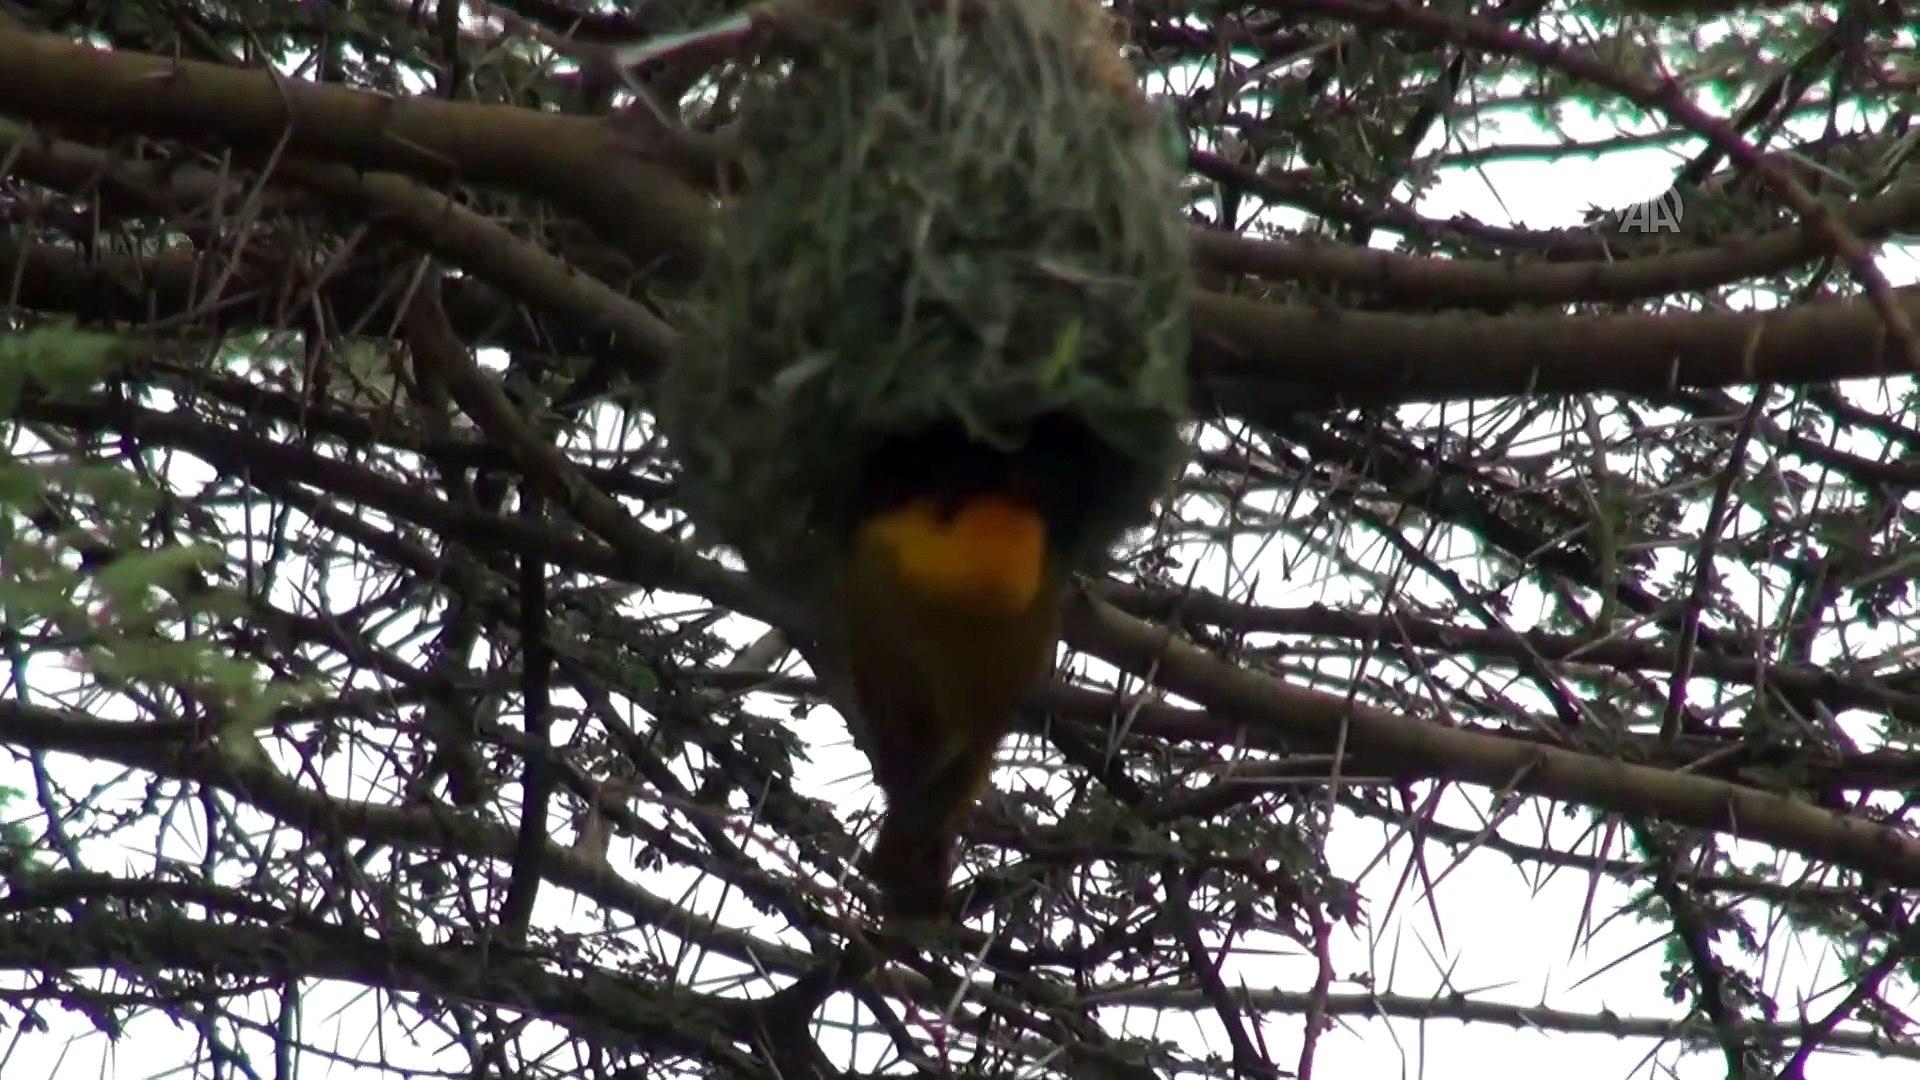 Dokumacı kuşlar mühendis gibi yuva yapıyor - ADDİS ABABA